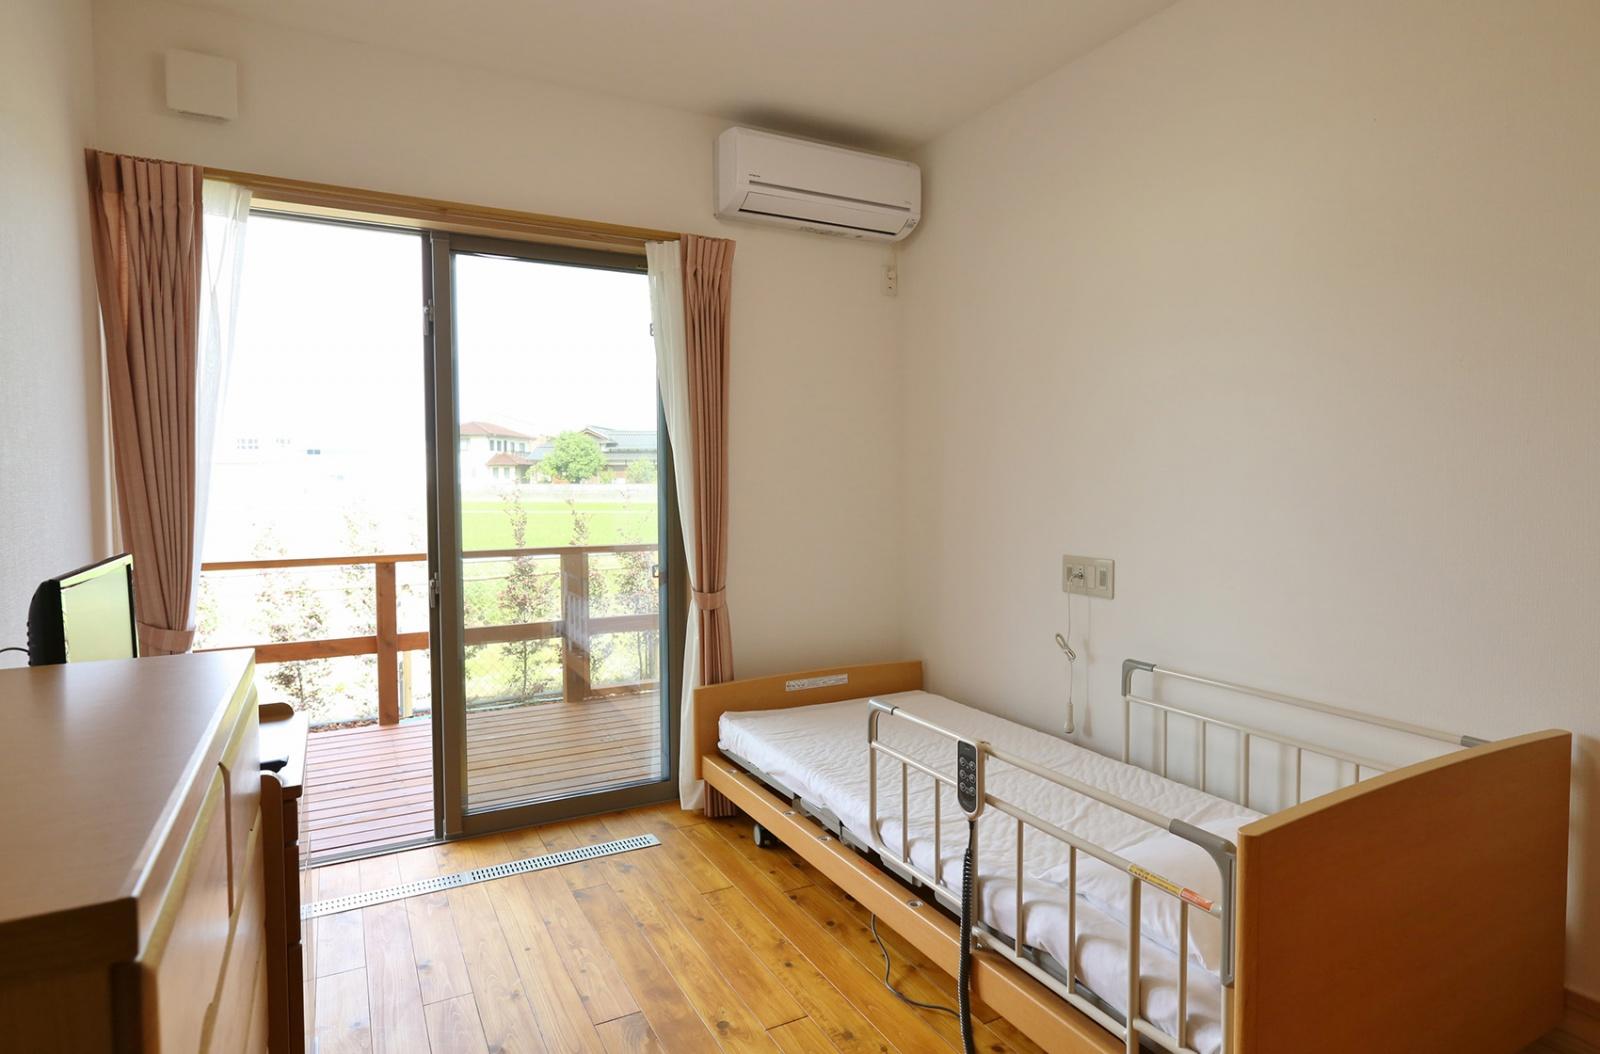 ゆったりとした各居室には、OMソーラーの吹き出し口が設けられており、太陽熱を用いて冬季も足元から暖房が働いてくれる。